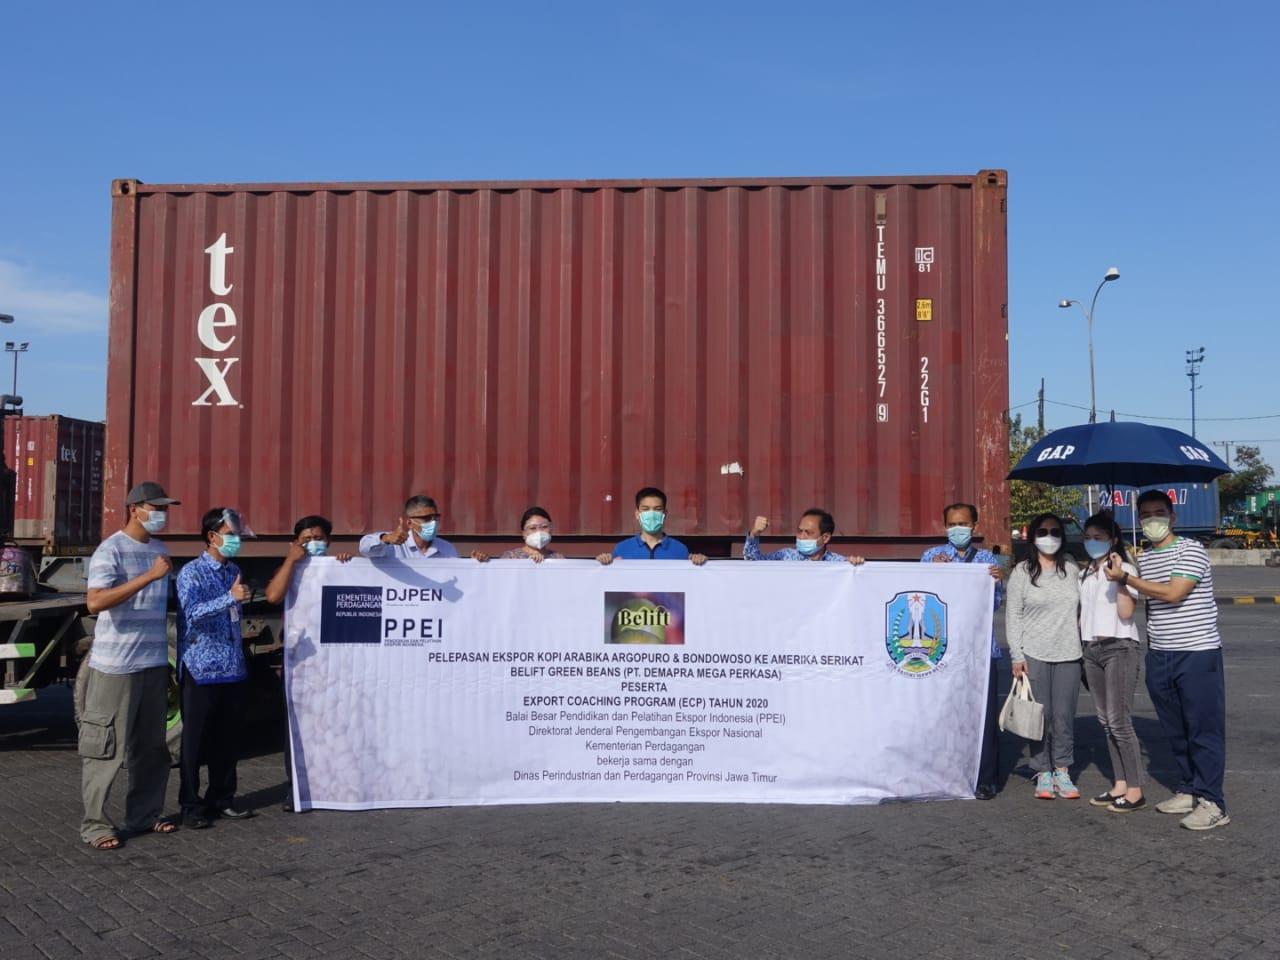 Peserta Export Coaching Program Wilayah Jawa Timur Berhasil Ekspor di Tengah Pandemi Covid-19